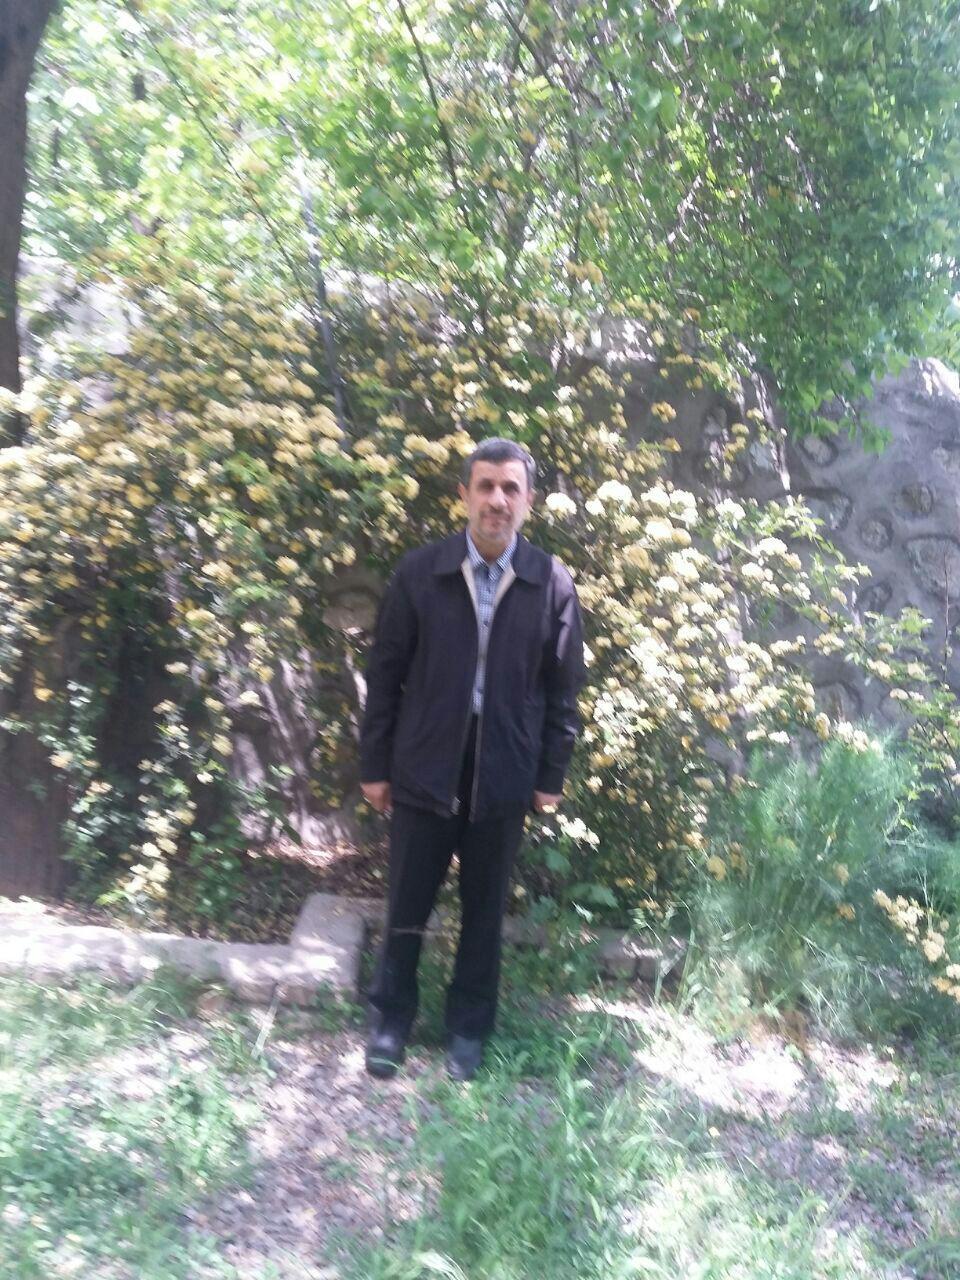 رییس جمهور پیشین قبل از روحانی خود را به کرمان رساند + حواشی و تصاویر